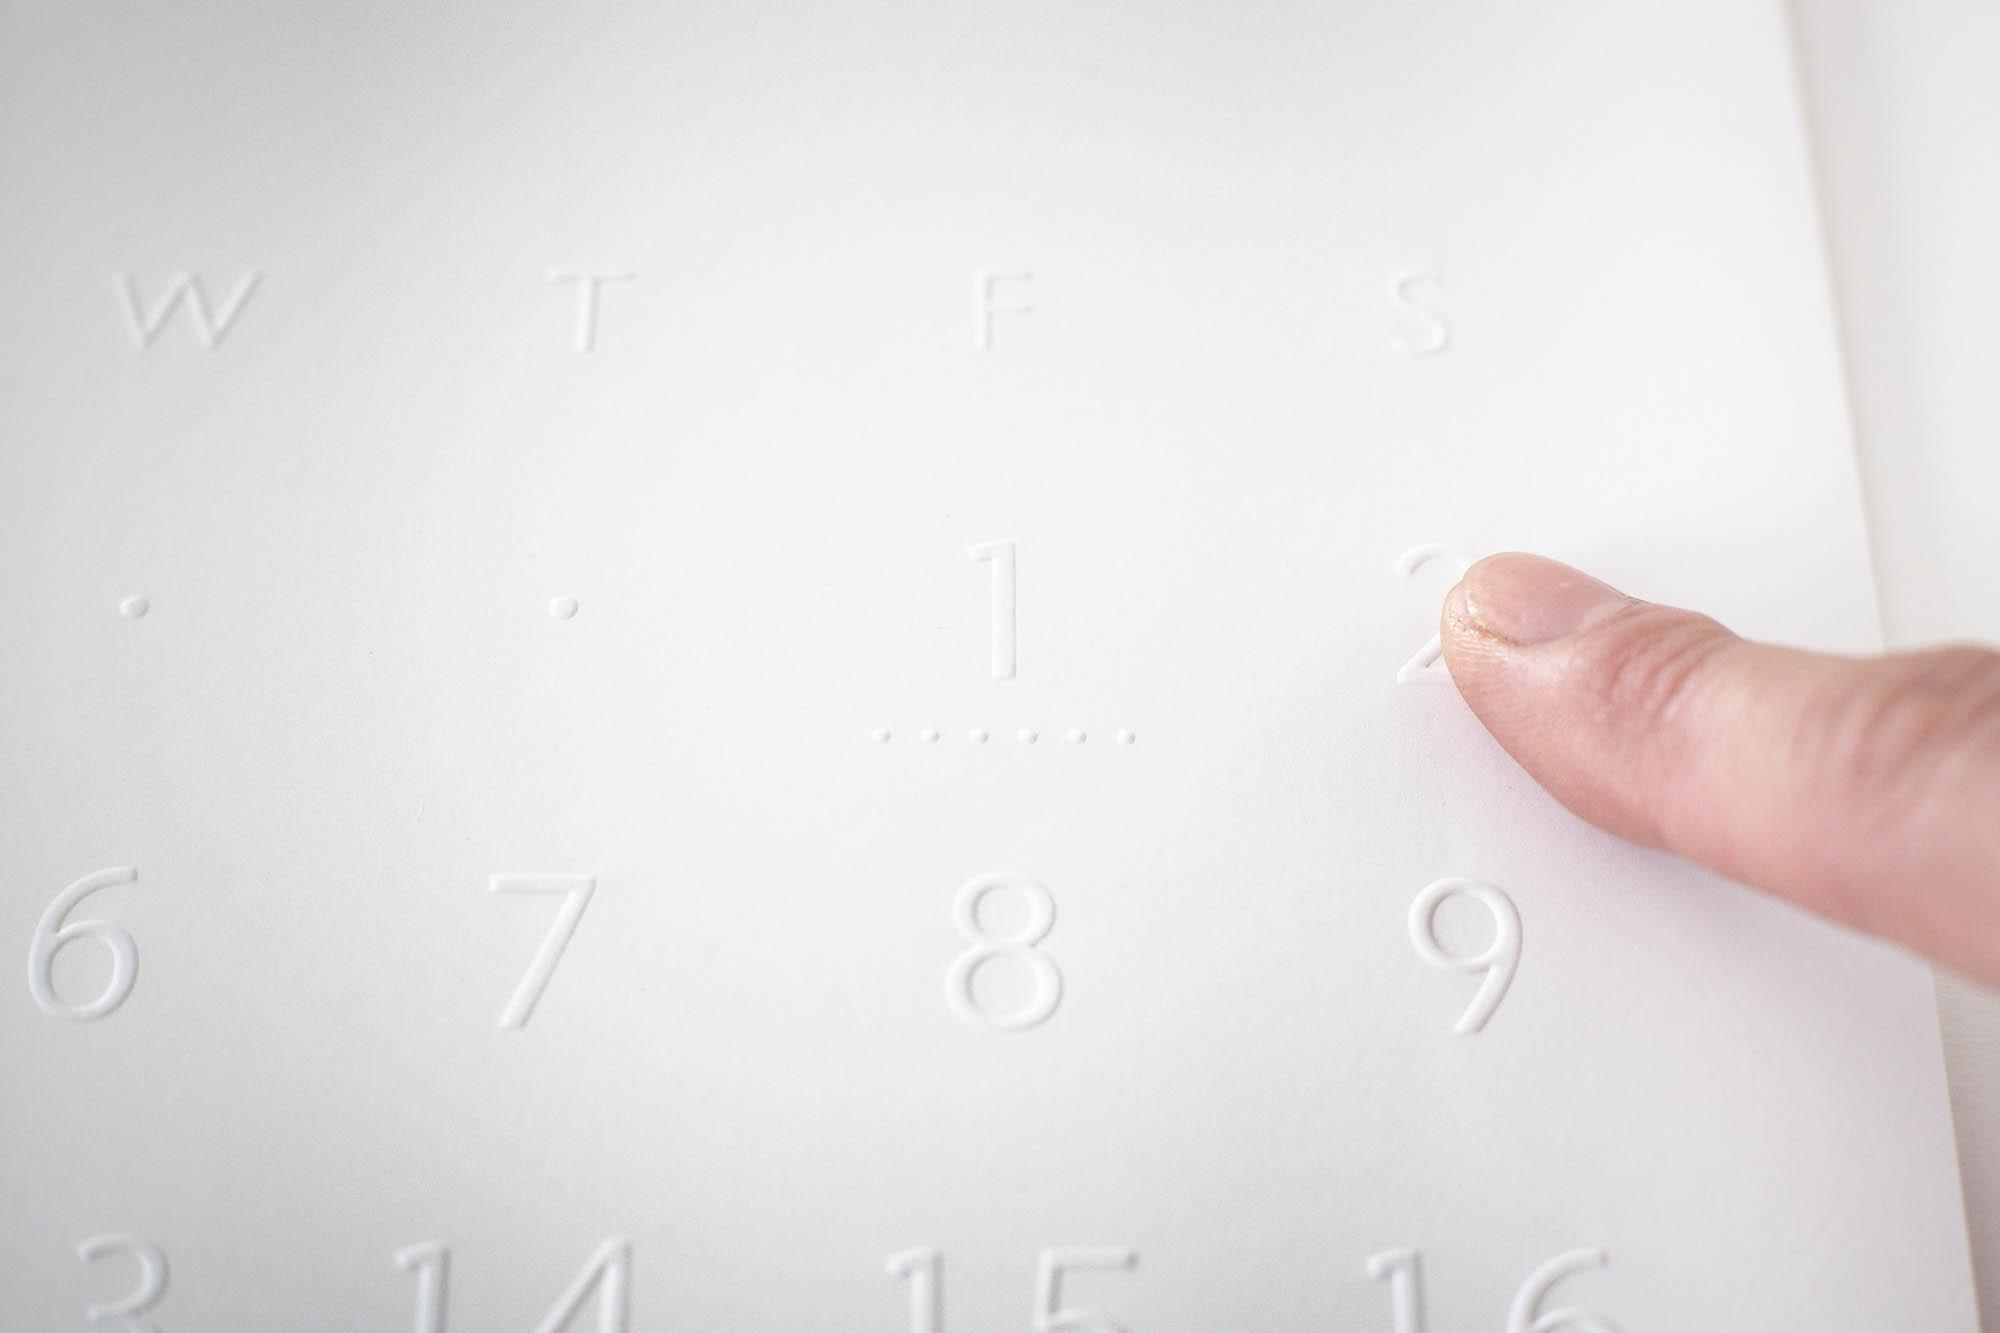 バリアフリーカレンダー